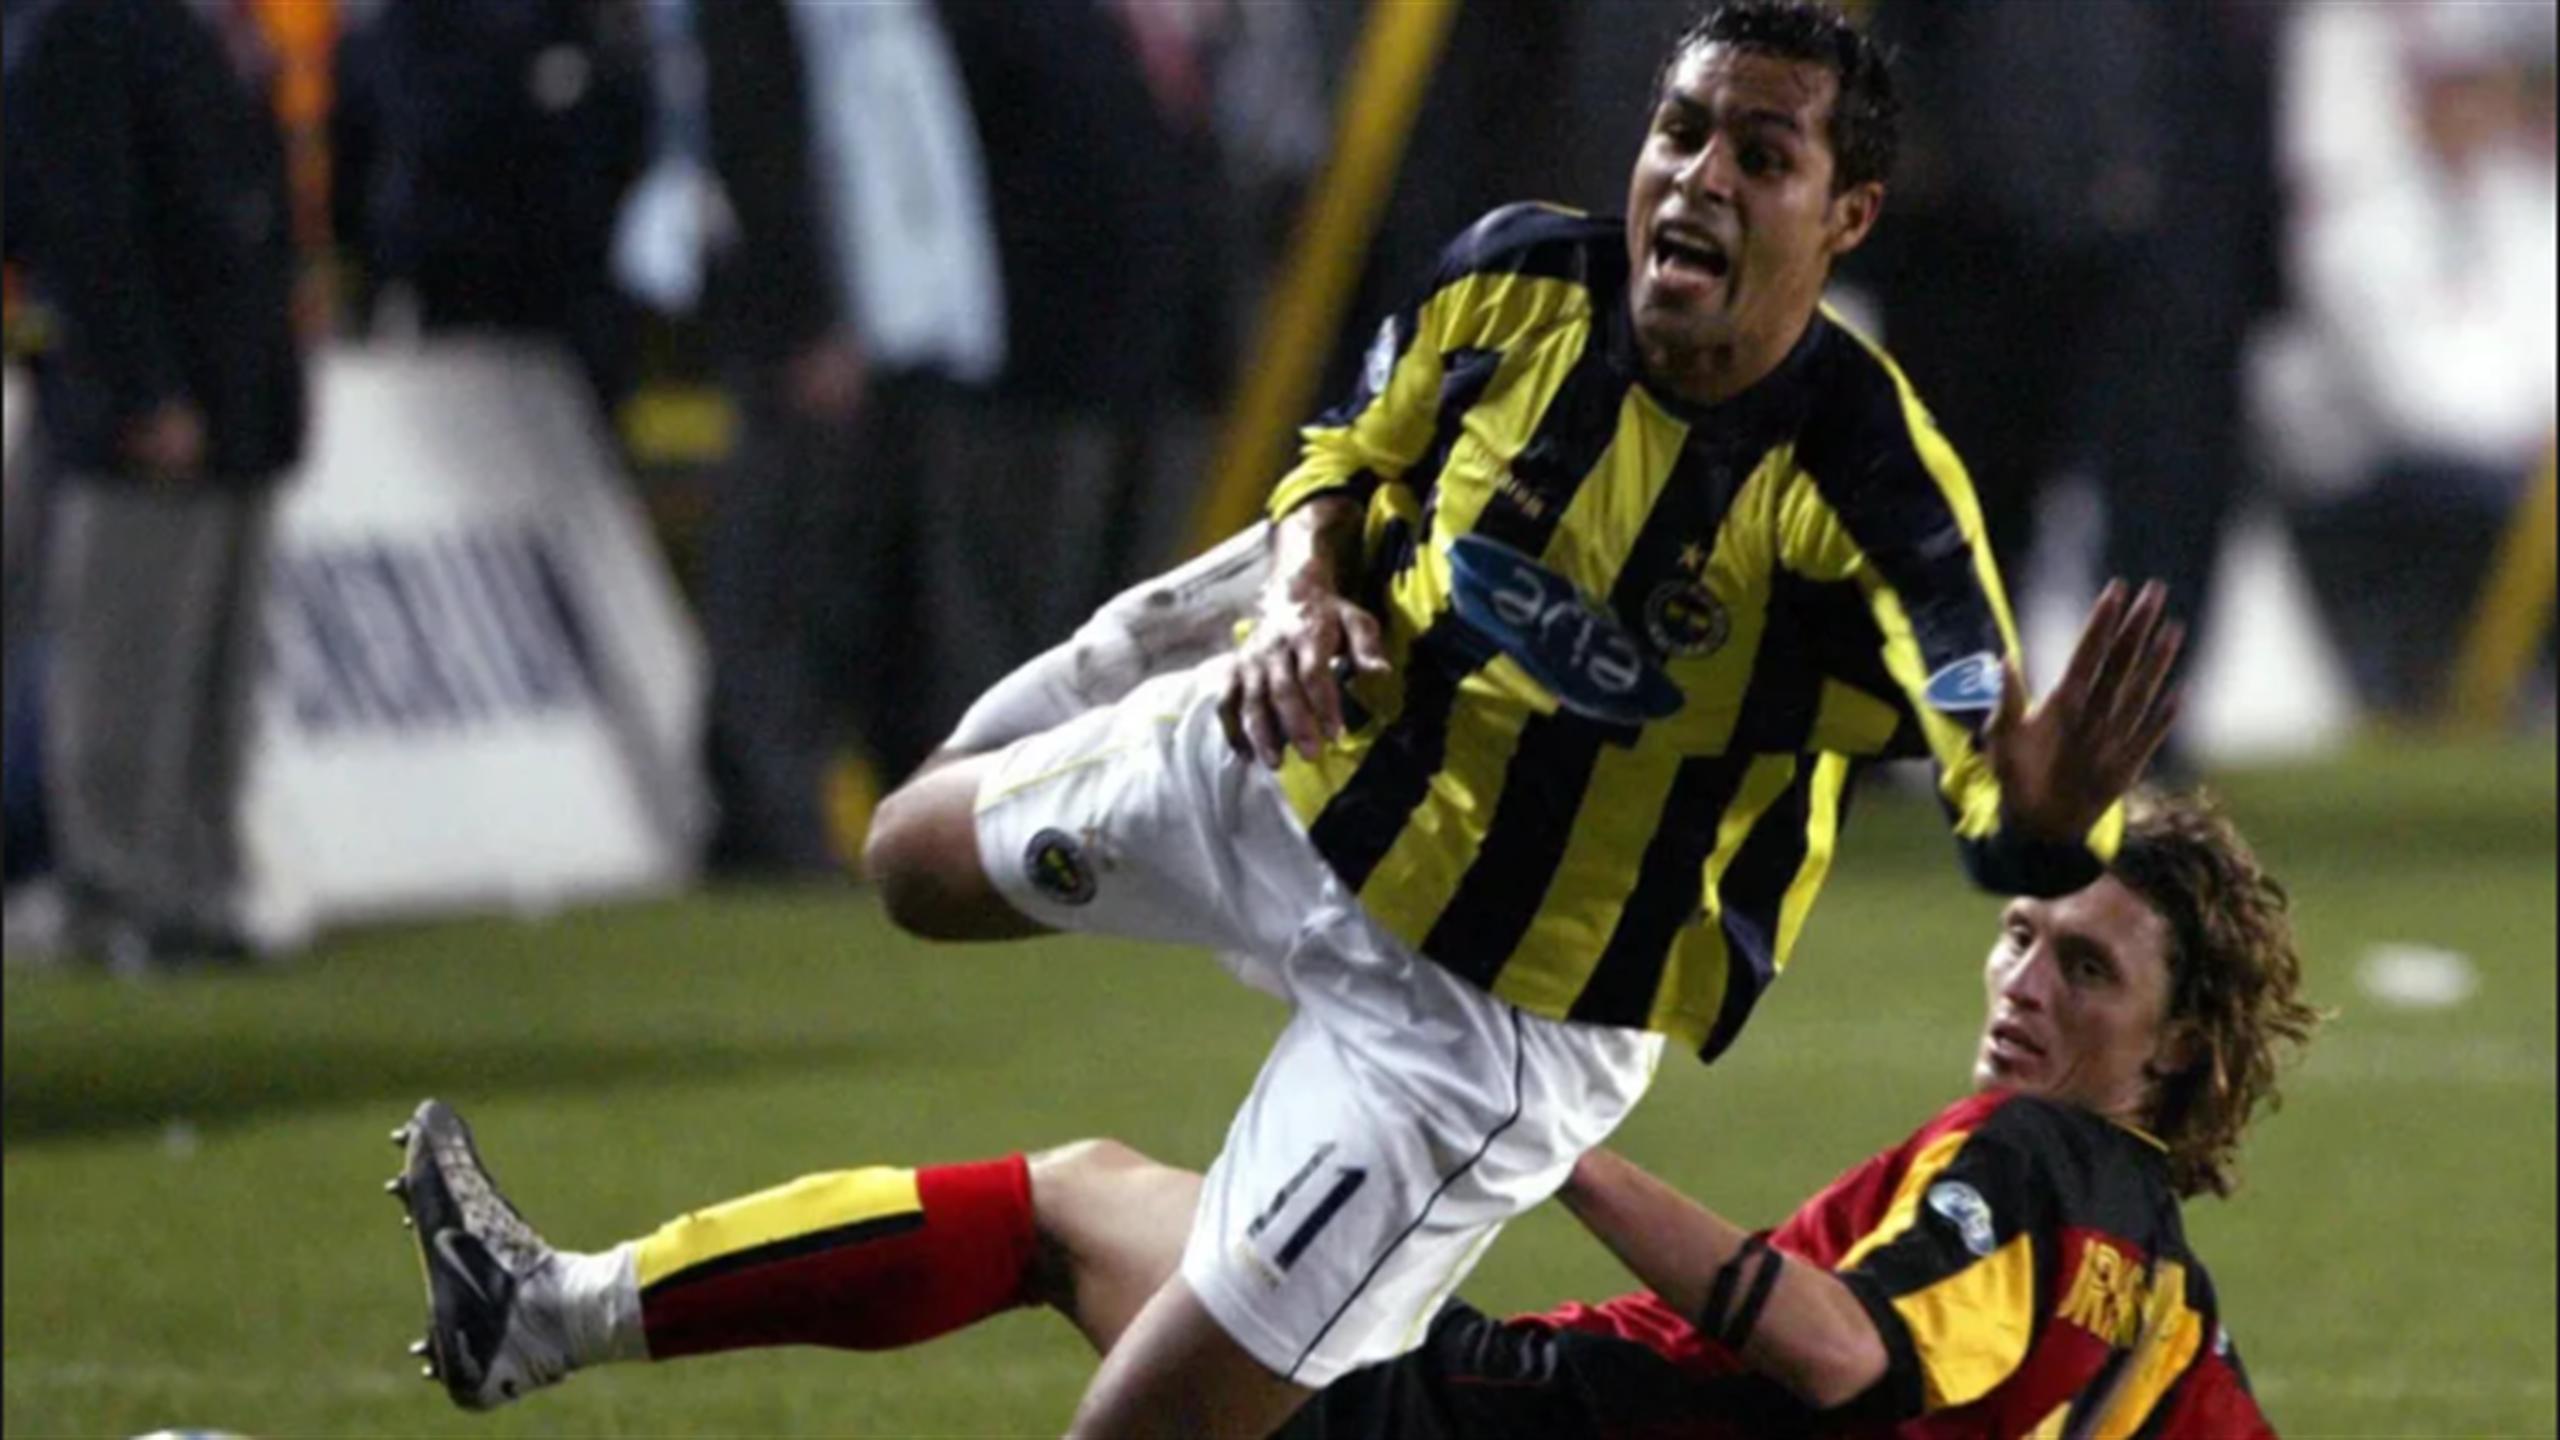 Fenerbahçe'in Kadıköy'de Galatasaray'a Yenilmediği 19 lig maçı 7